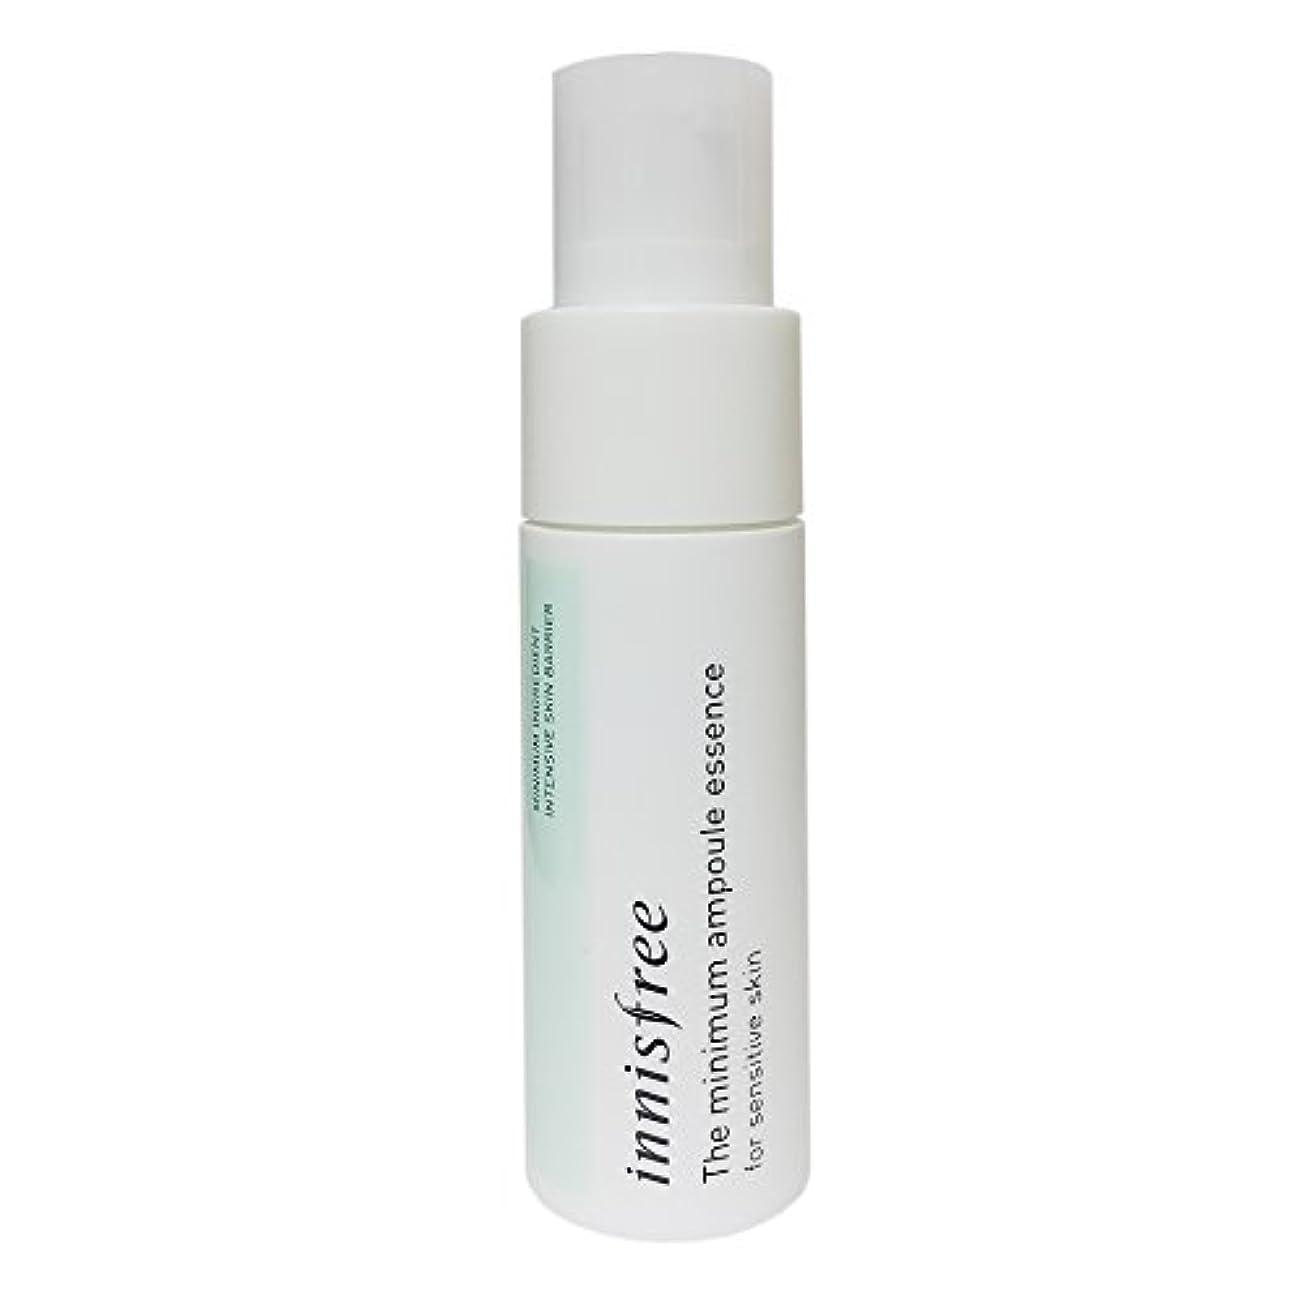 トロリーバス応じる境界イニスフリー Innisfree ザミニマム アンプル エッセンス敏感肌用(30ml) Innisfree The Minimum Ampoule Essence For Sensitive Skin(30ml) [海外直送品]